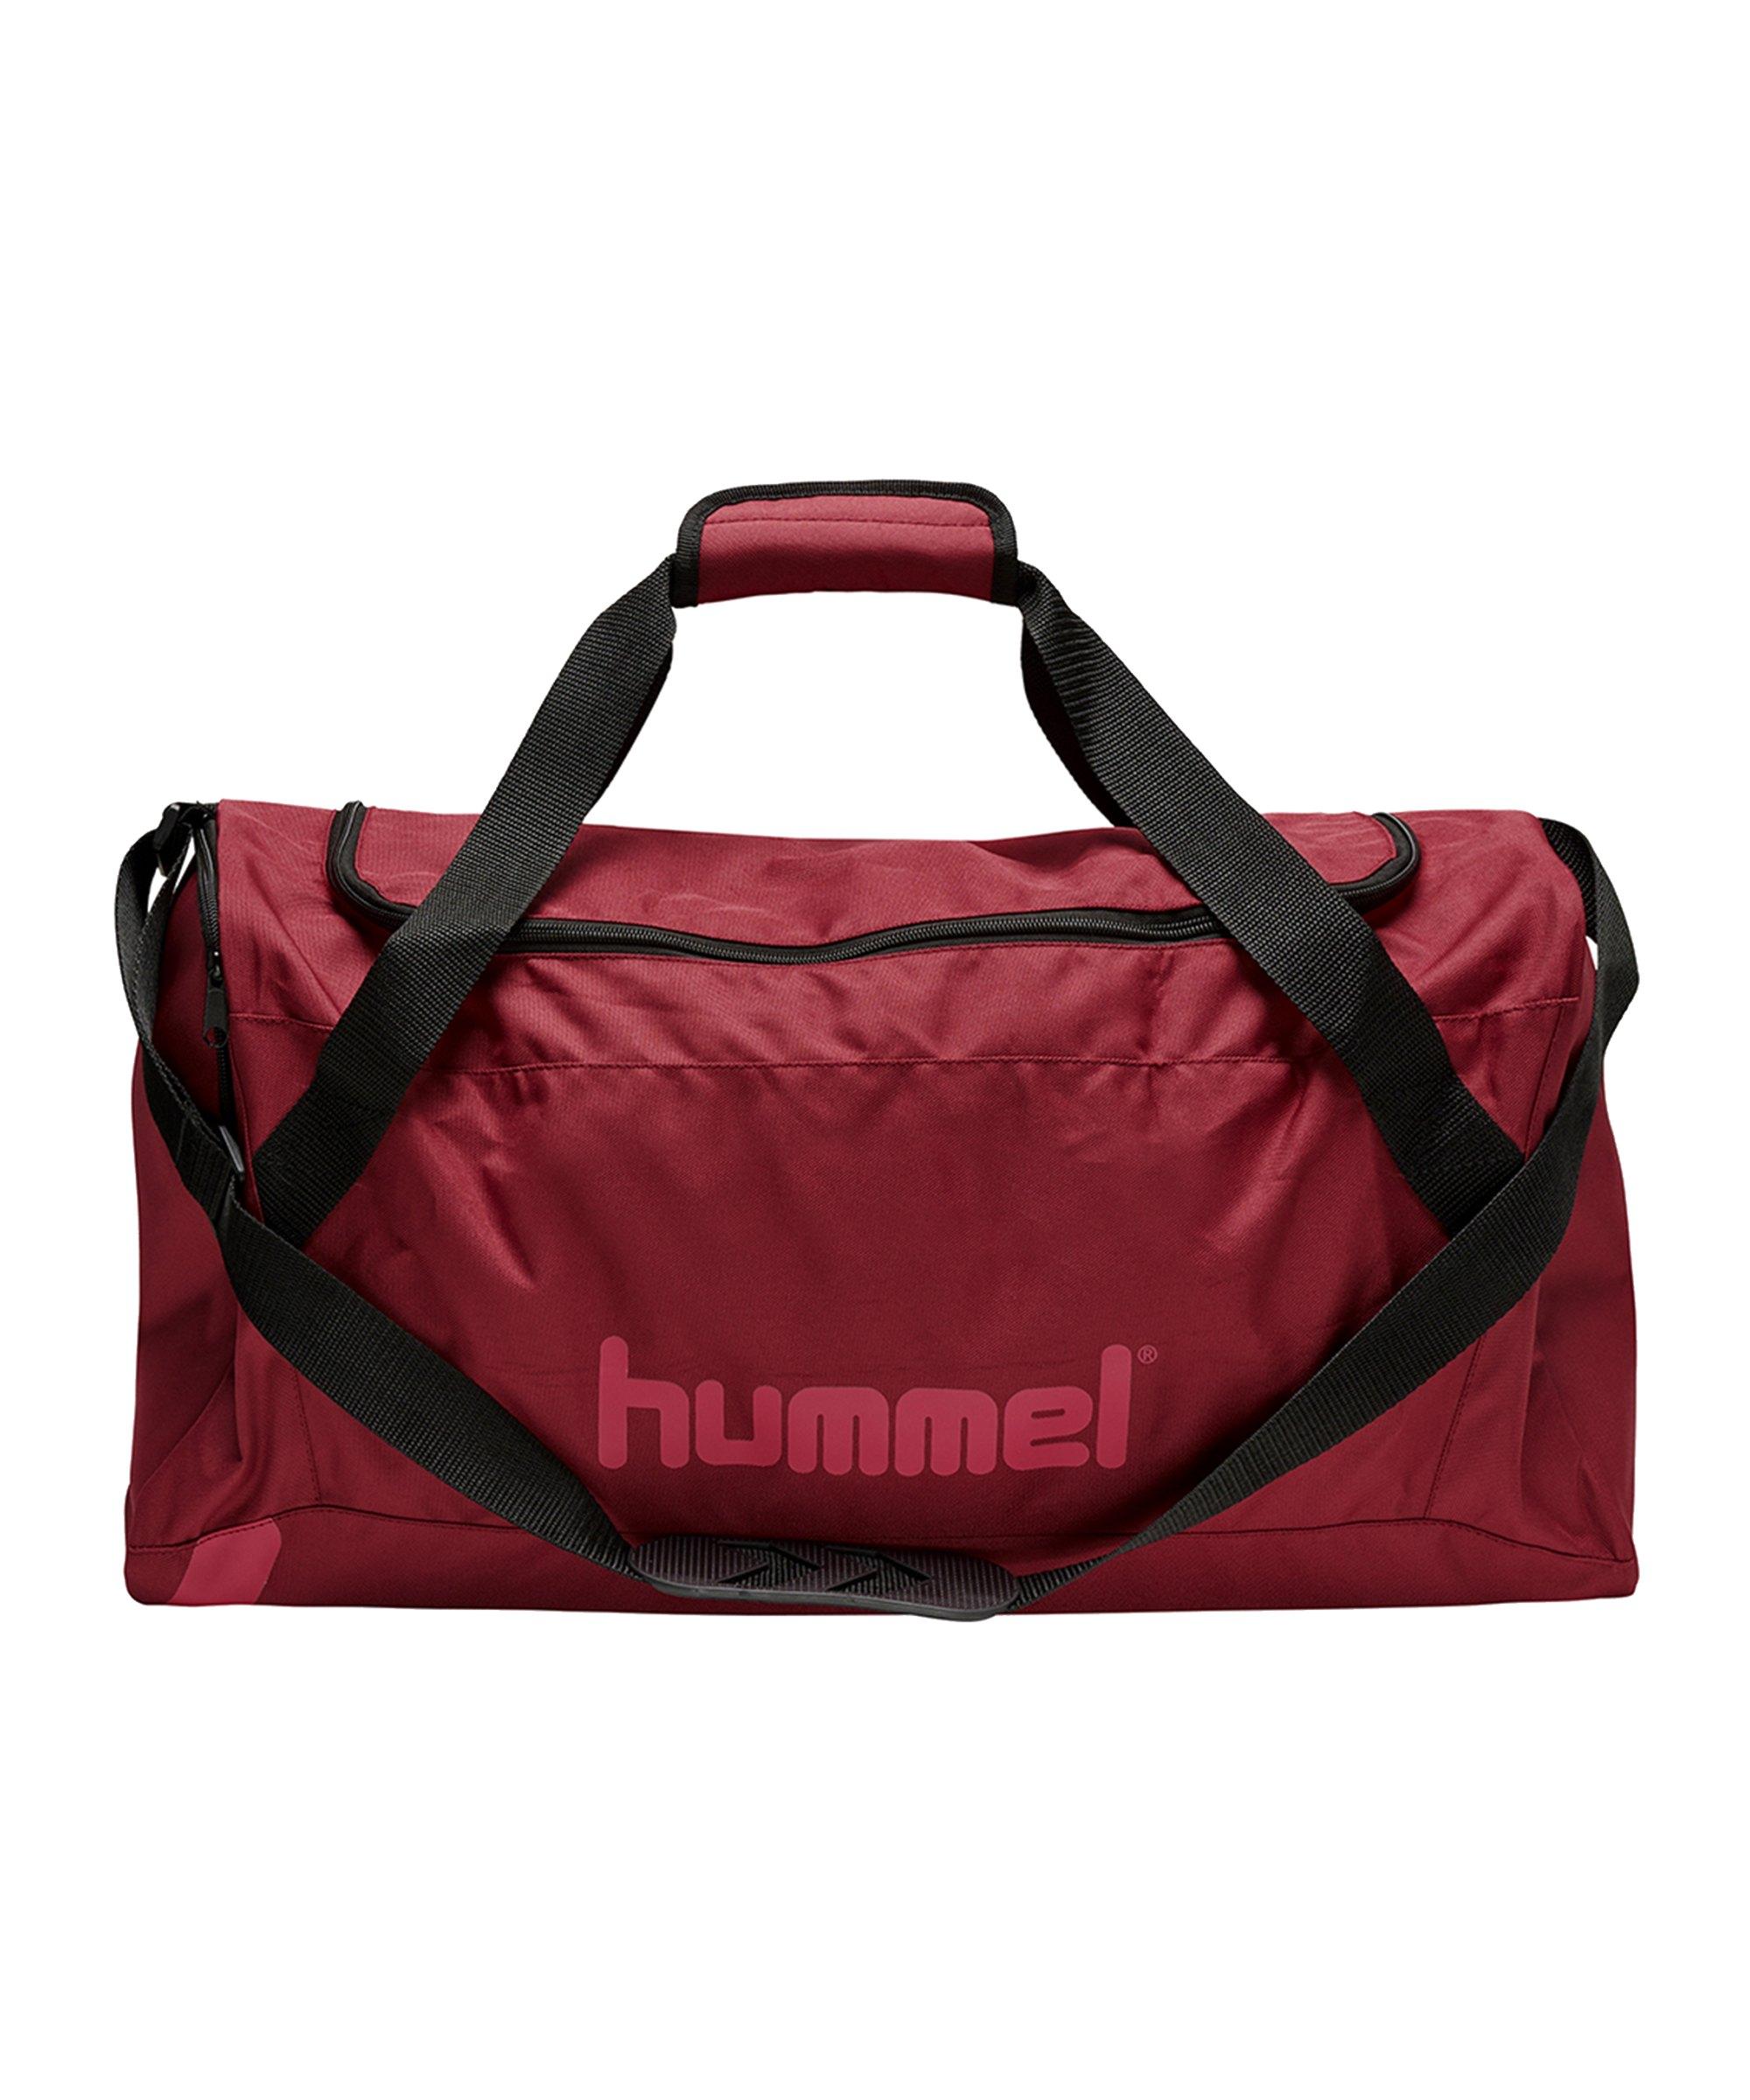 Hummel Core Bag Sporttasche Rot F3583 Gr. M - rot